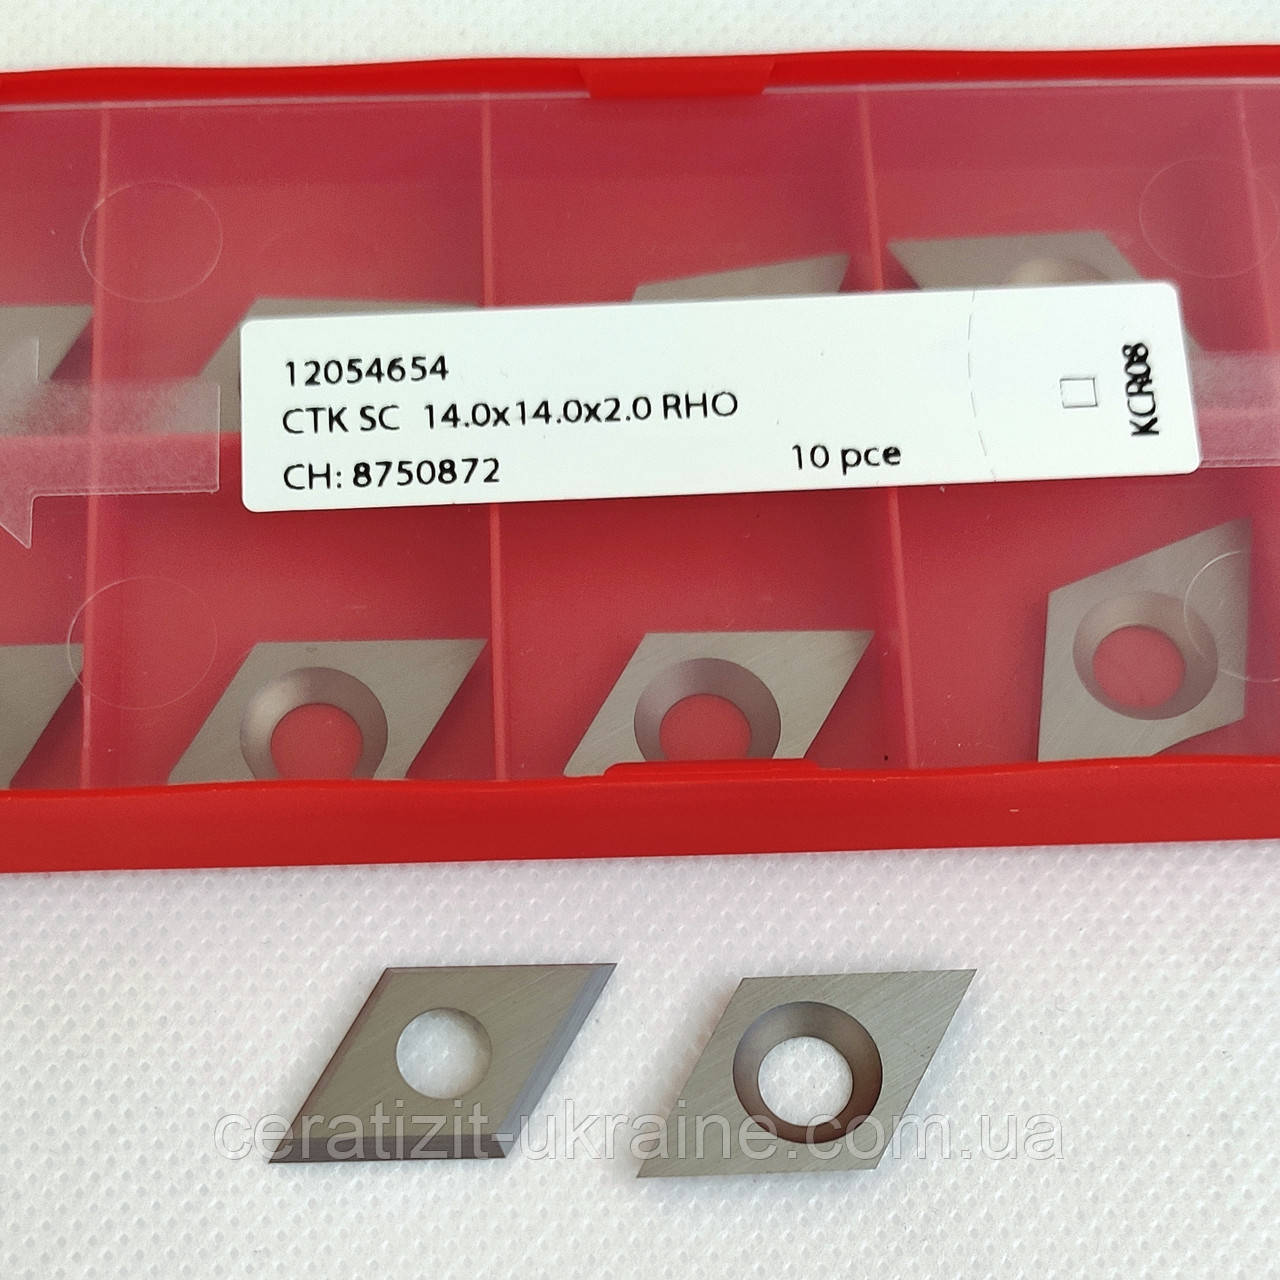 Ніж змінний тв/спл HW  14,0х14,0х2,0 KCR08, ромб Ceratizit (Люксембург)